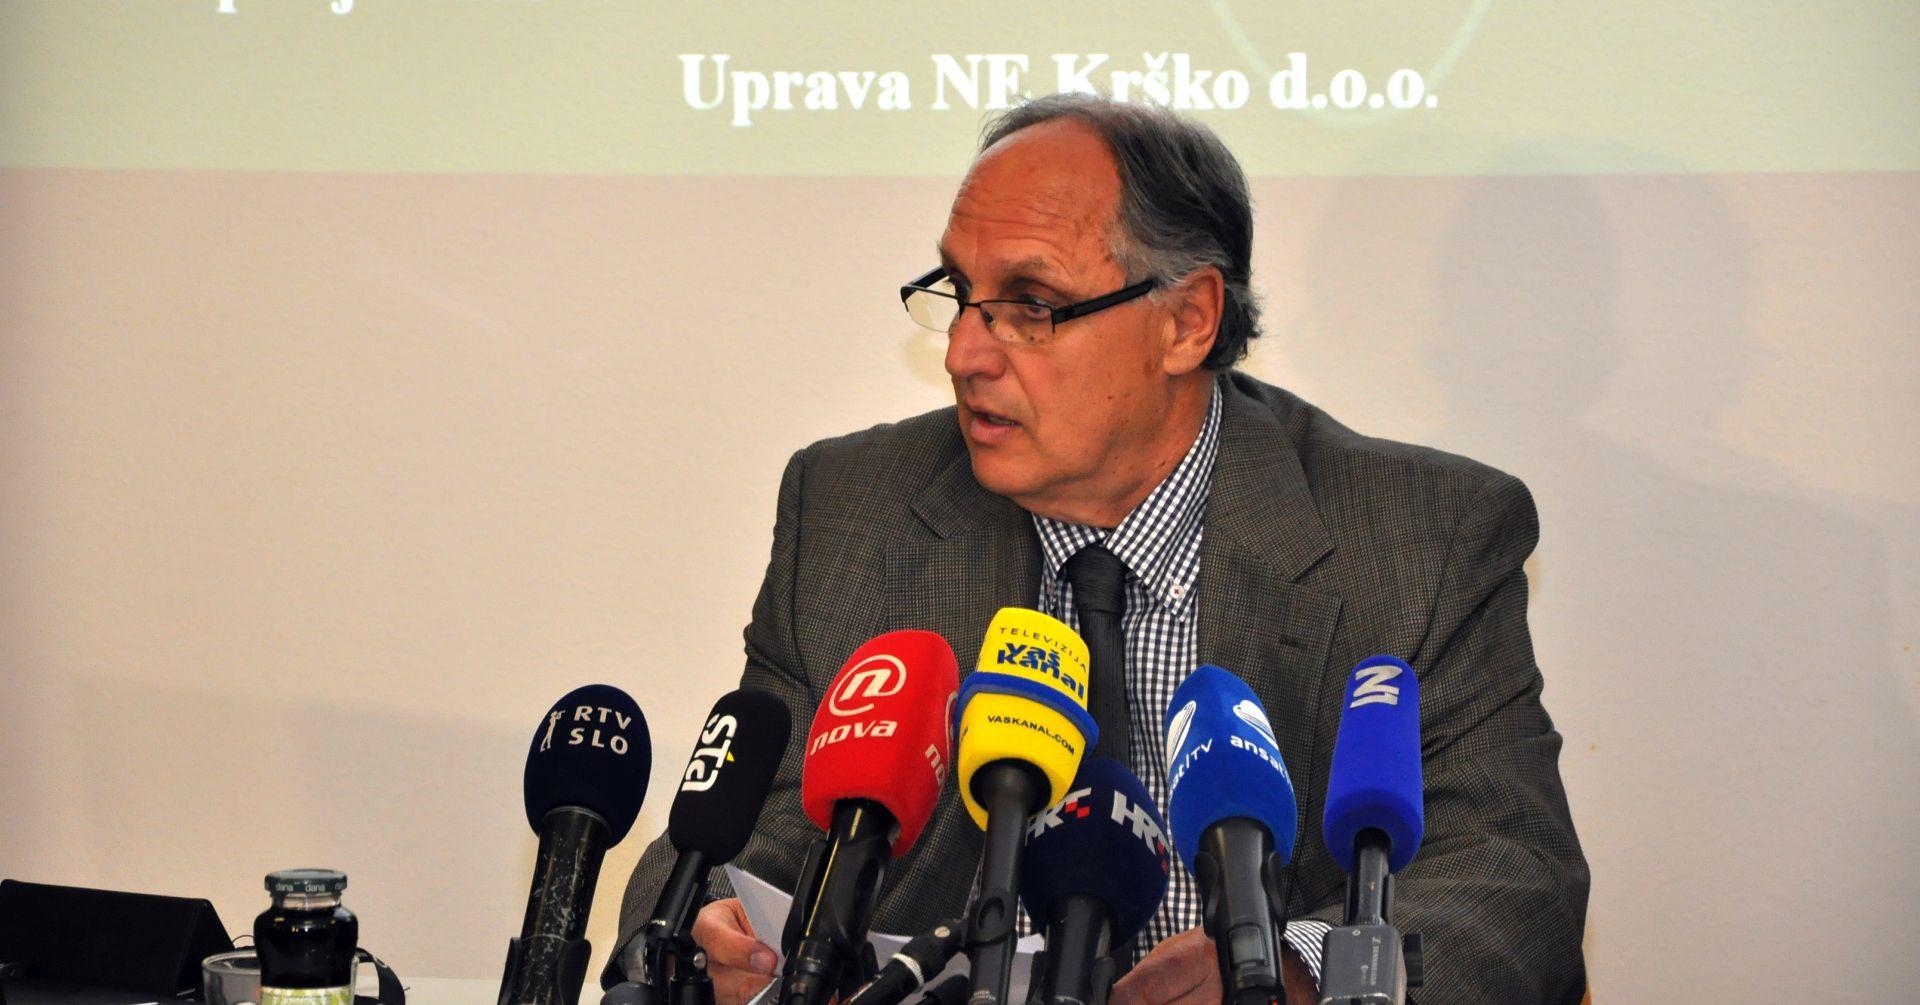 DELO Arbitraža potrebna i zbog blokade u upravi NE Krško?